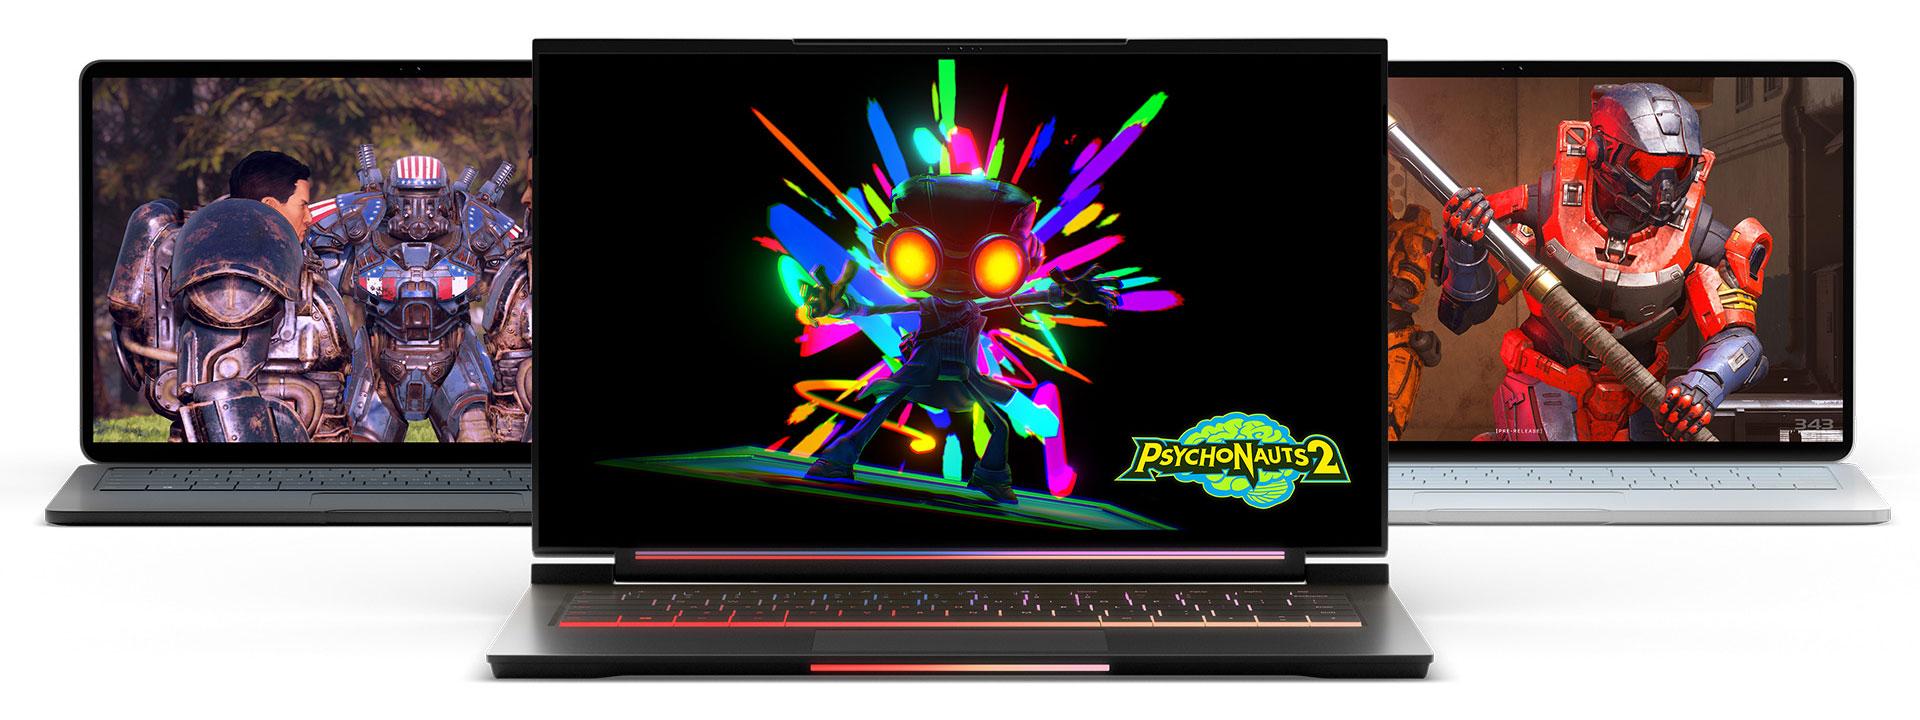 3ordinateurs portables avec des jeux vidéo sur l'écran